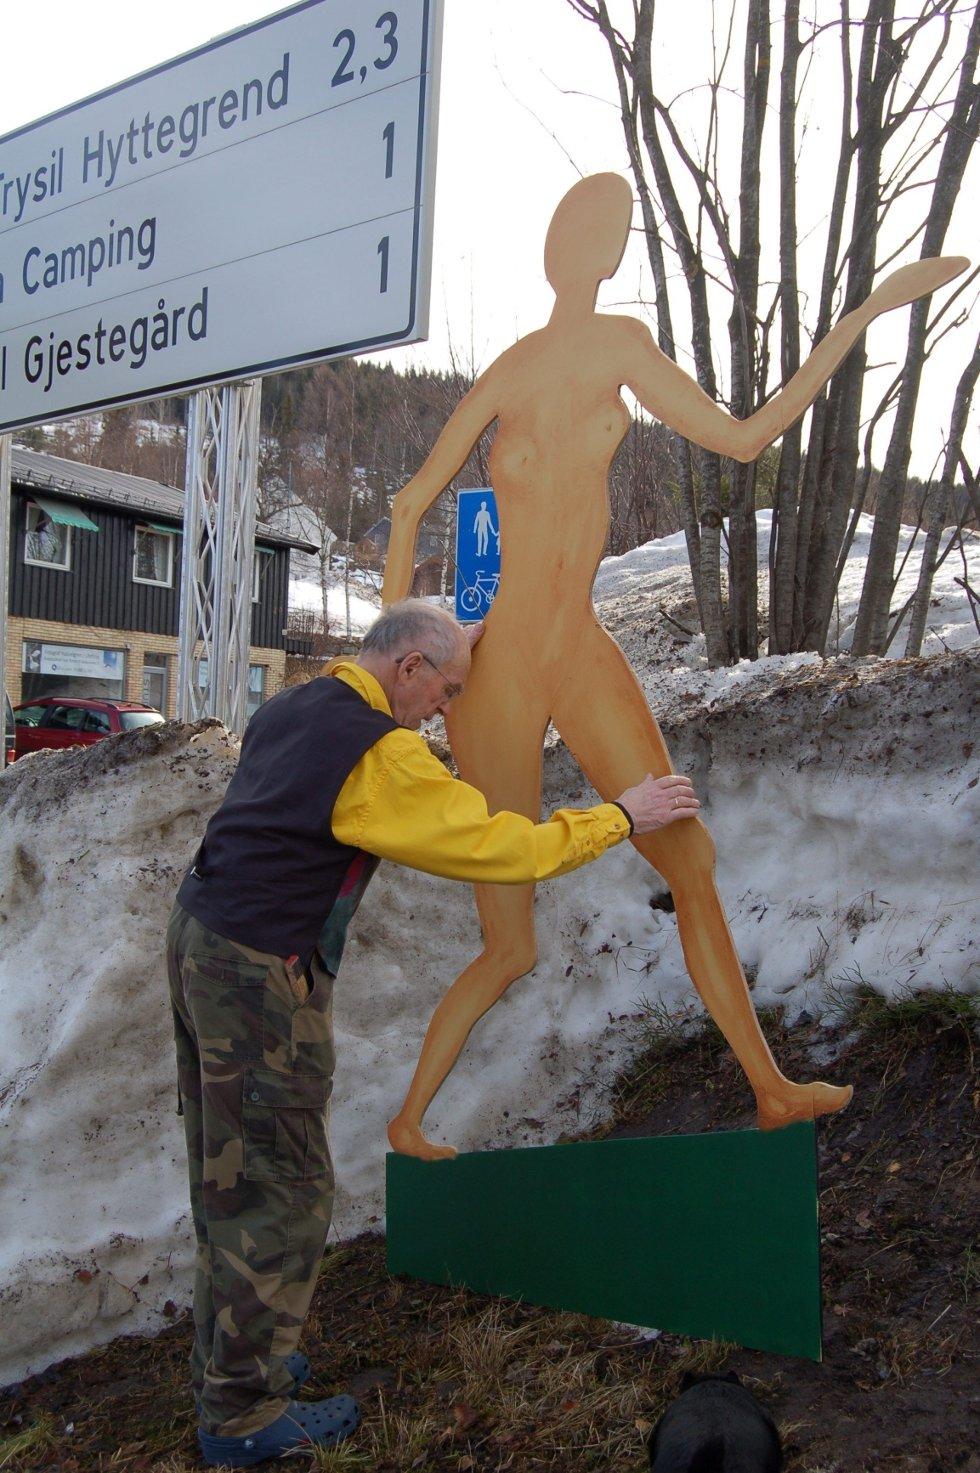 Sara i 2,5 meter finer skal lokke publikum til utstilling. (Foto: Ingrid Nylund)